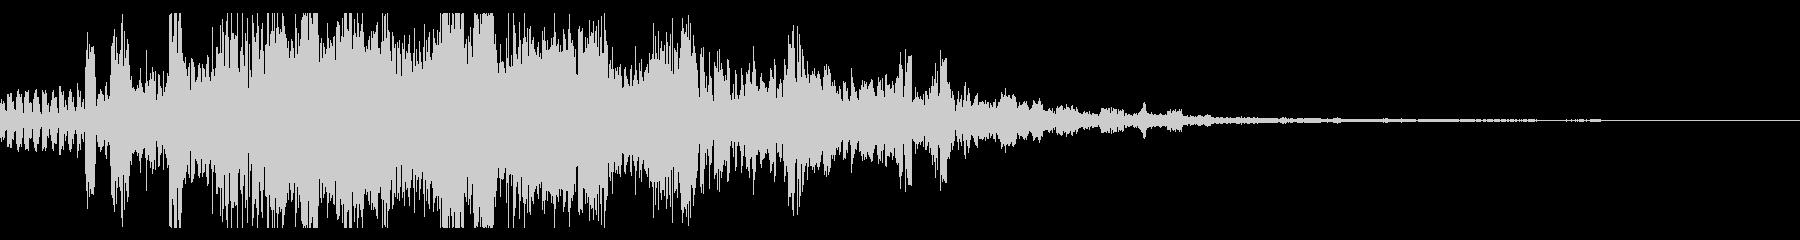 ピストンファクトリー、複合モーフエ...の未再生の波形